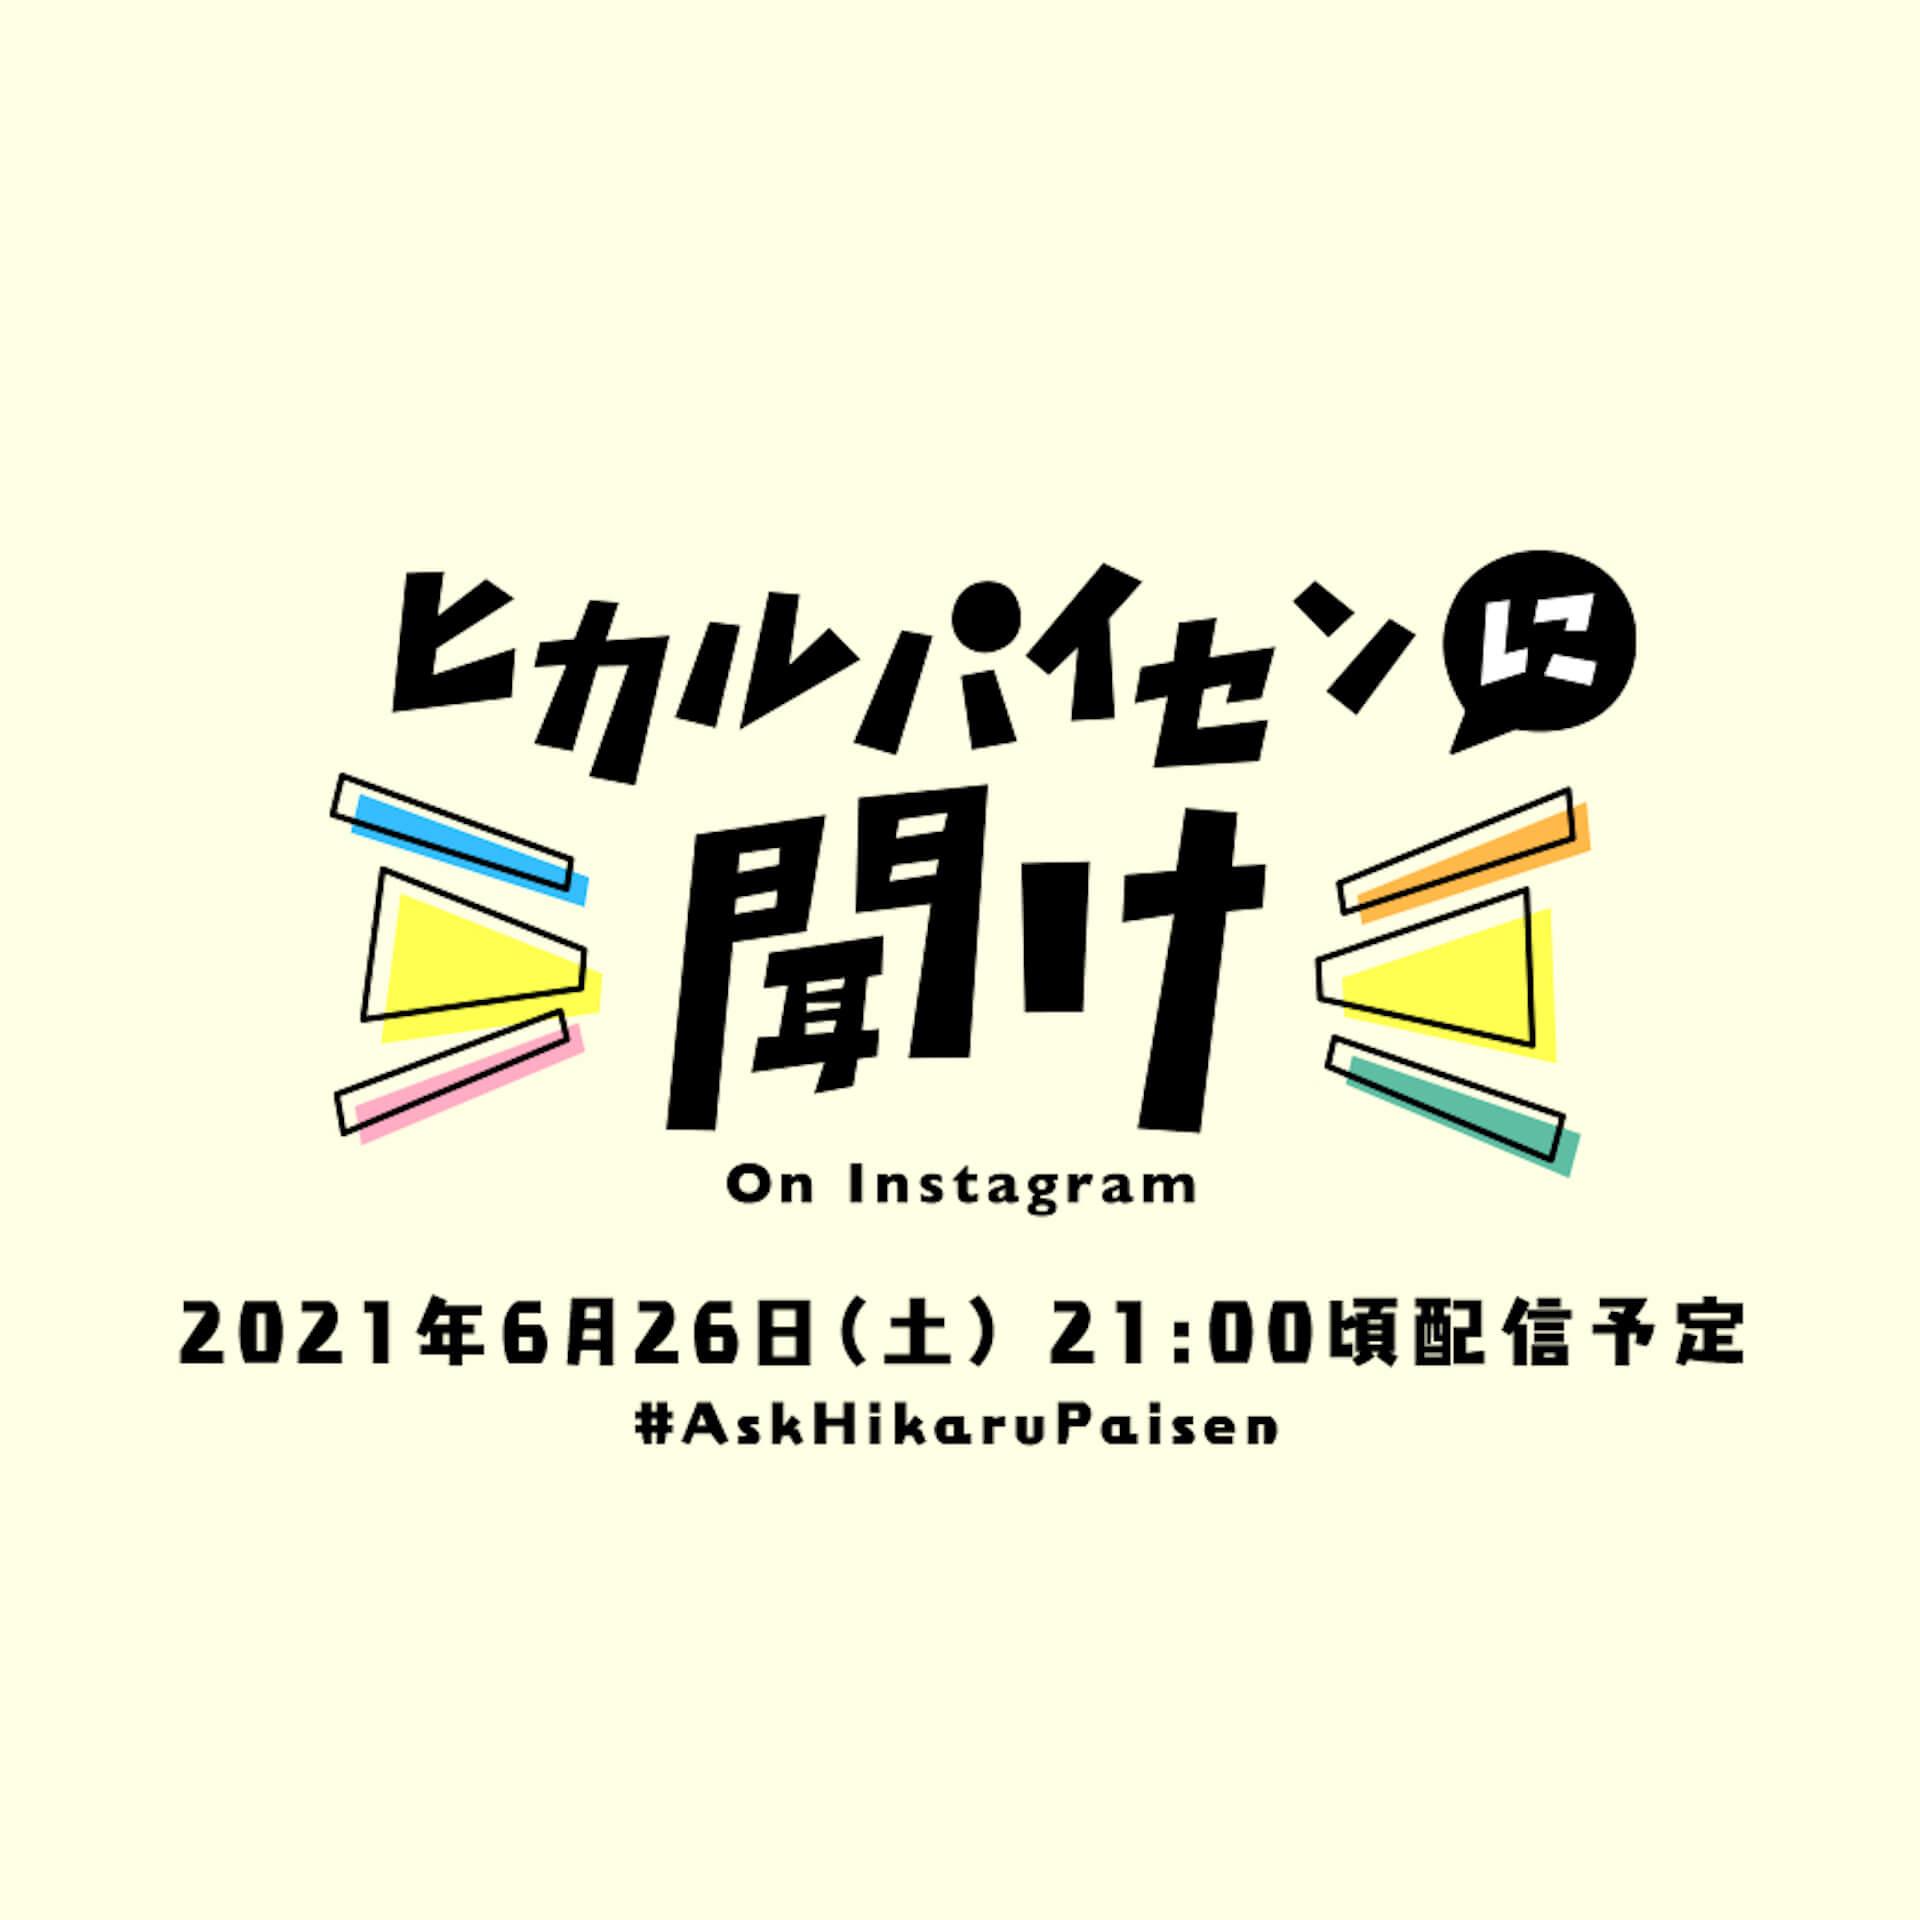 宇多田ヒカルのインスタ配信番組『ヒカルパイセンに聞け!』が6月26日に配信決定!質問も募集中 music210621_utadahikaru_instagram_2